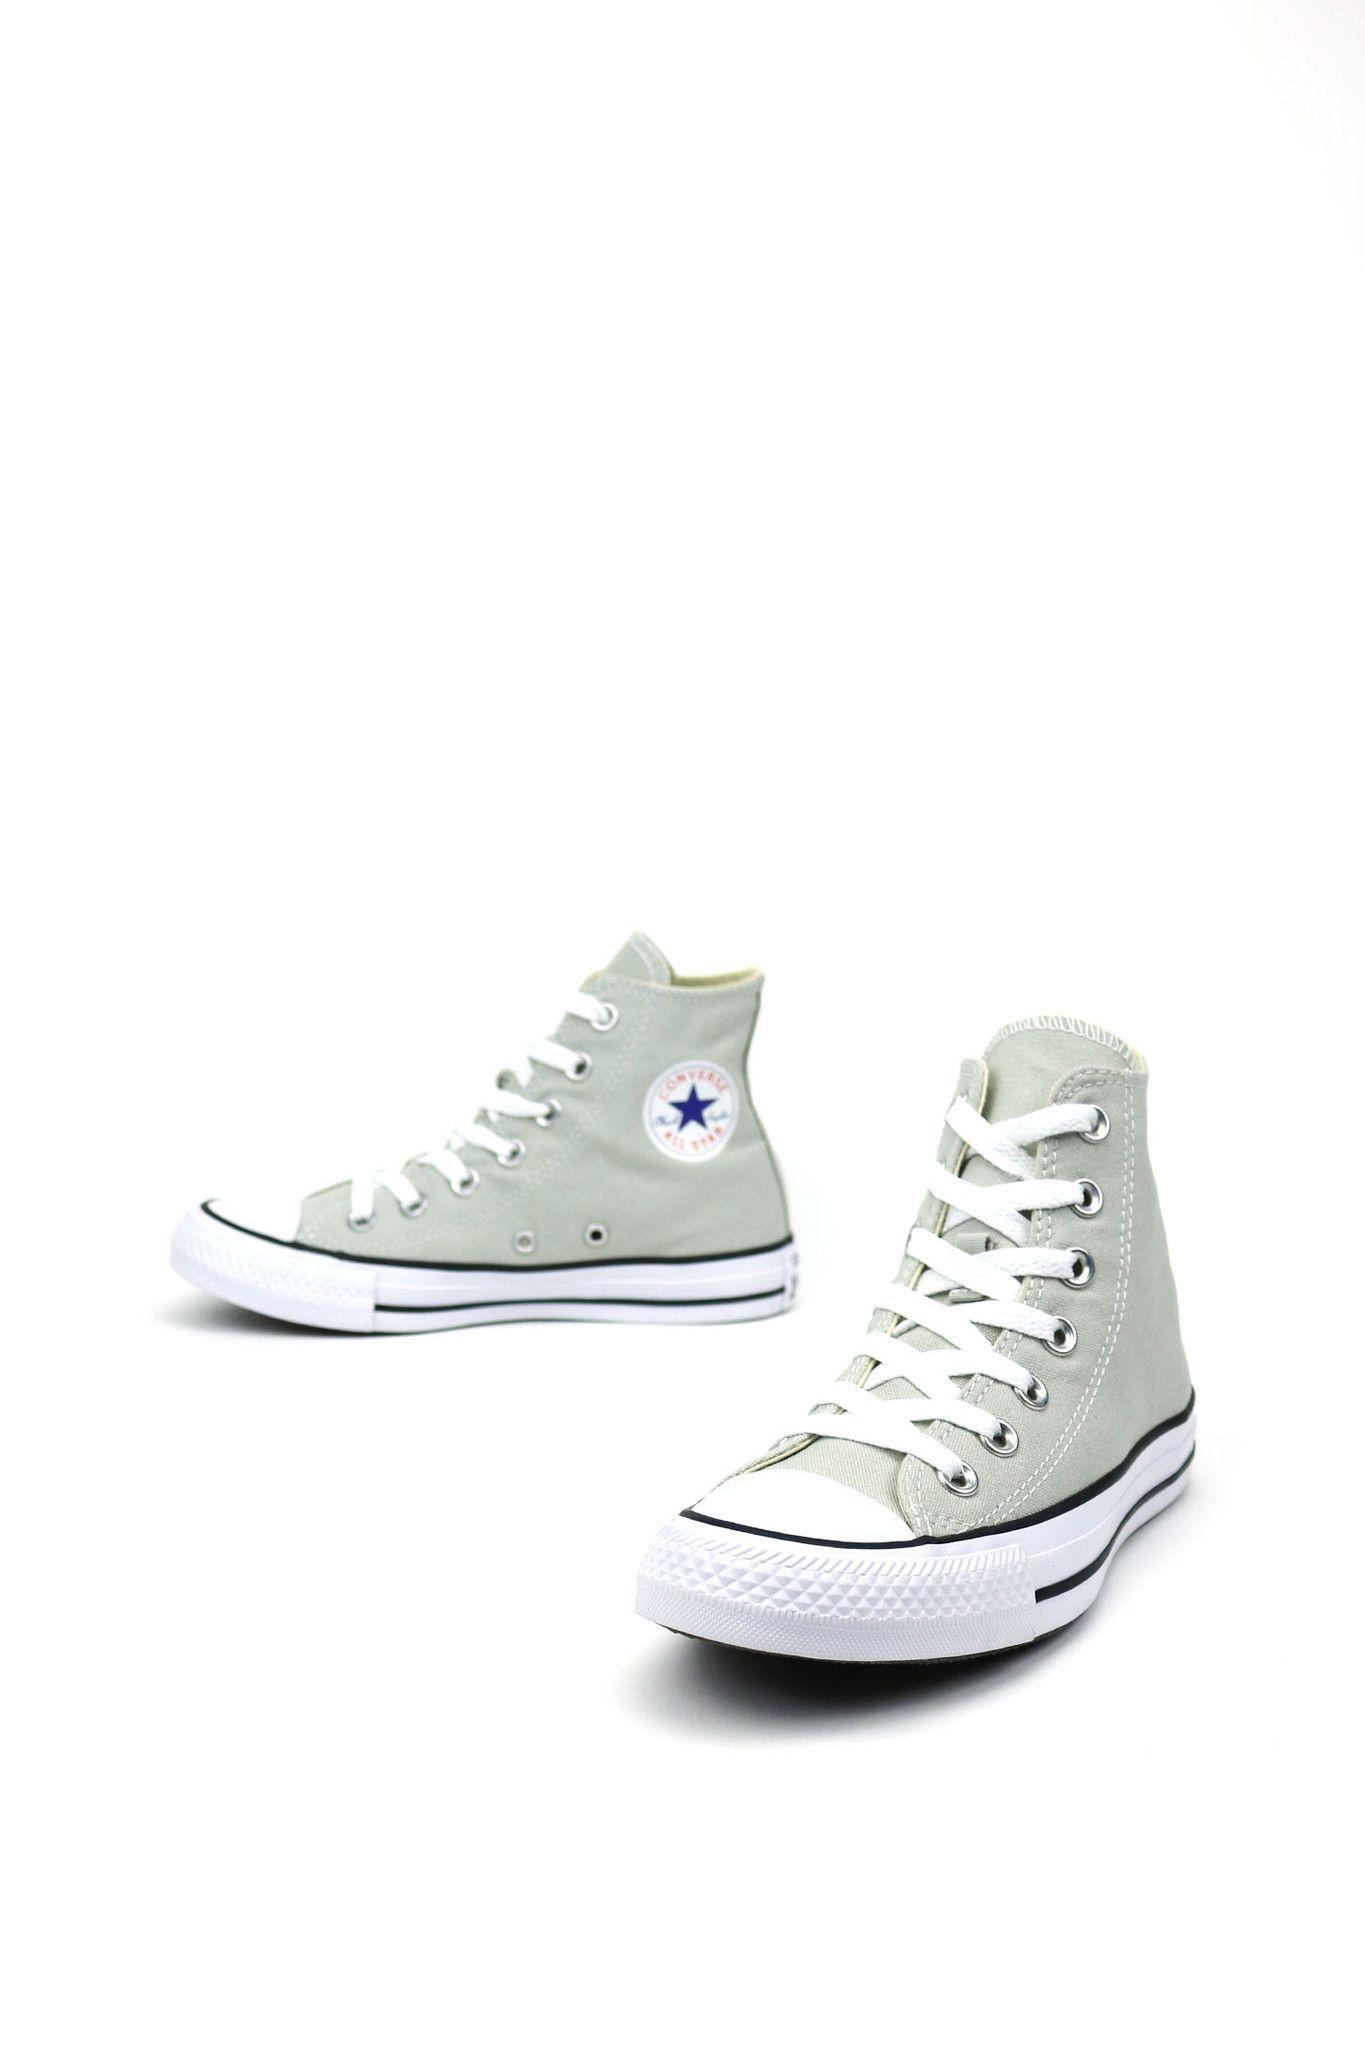 AmazingOutfits | Zapatillas, Zapatos, Patinar